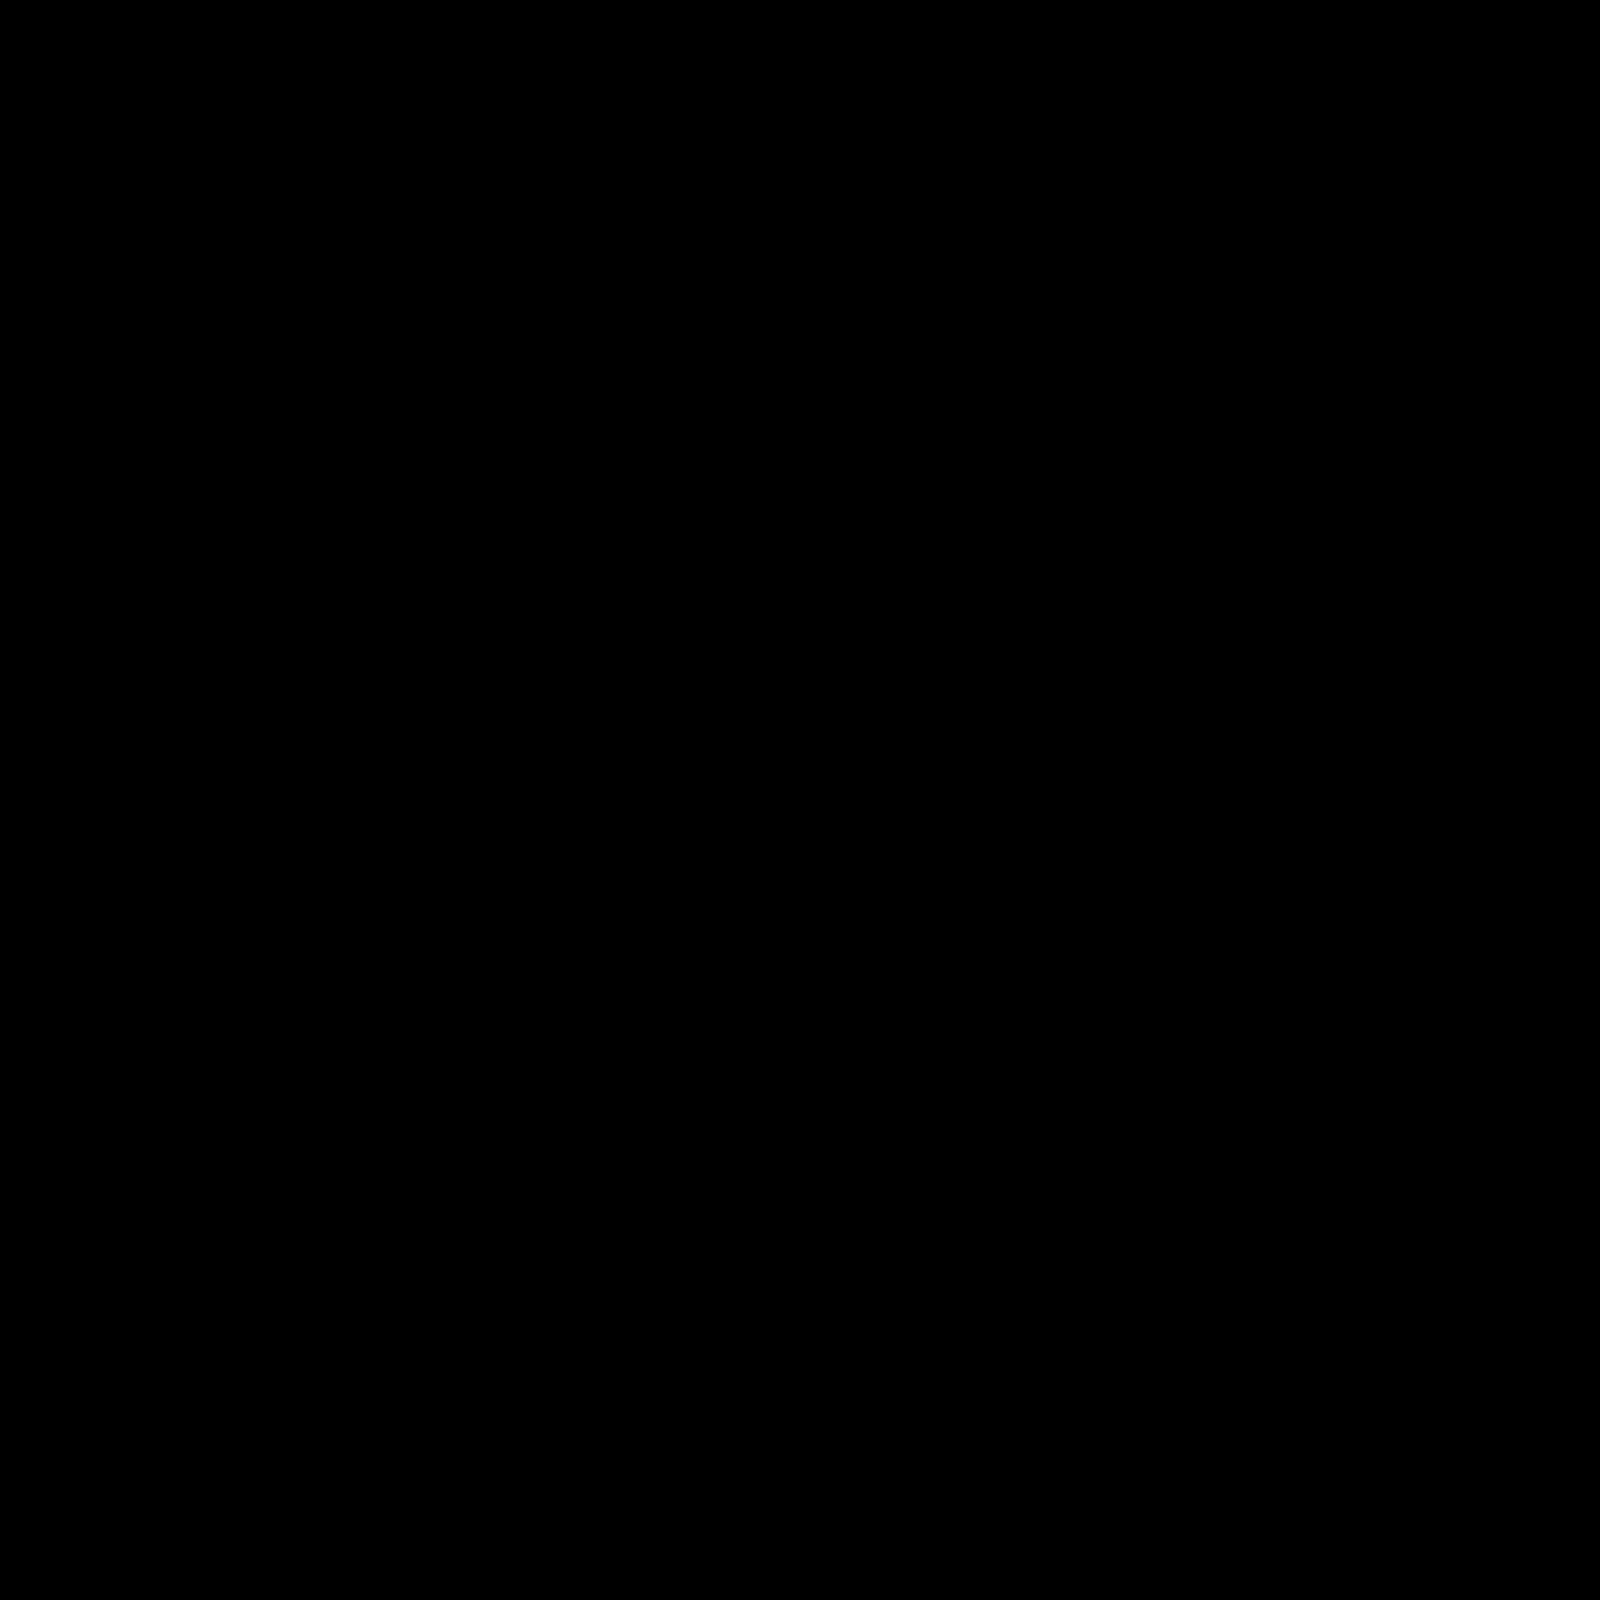 Wspinaczka icon